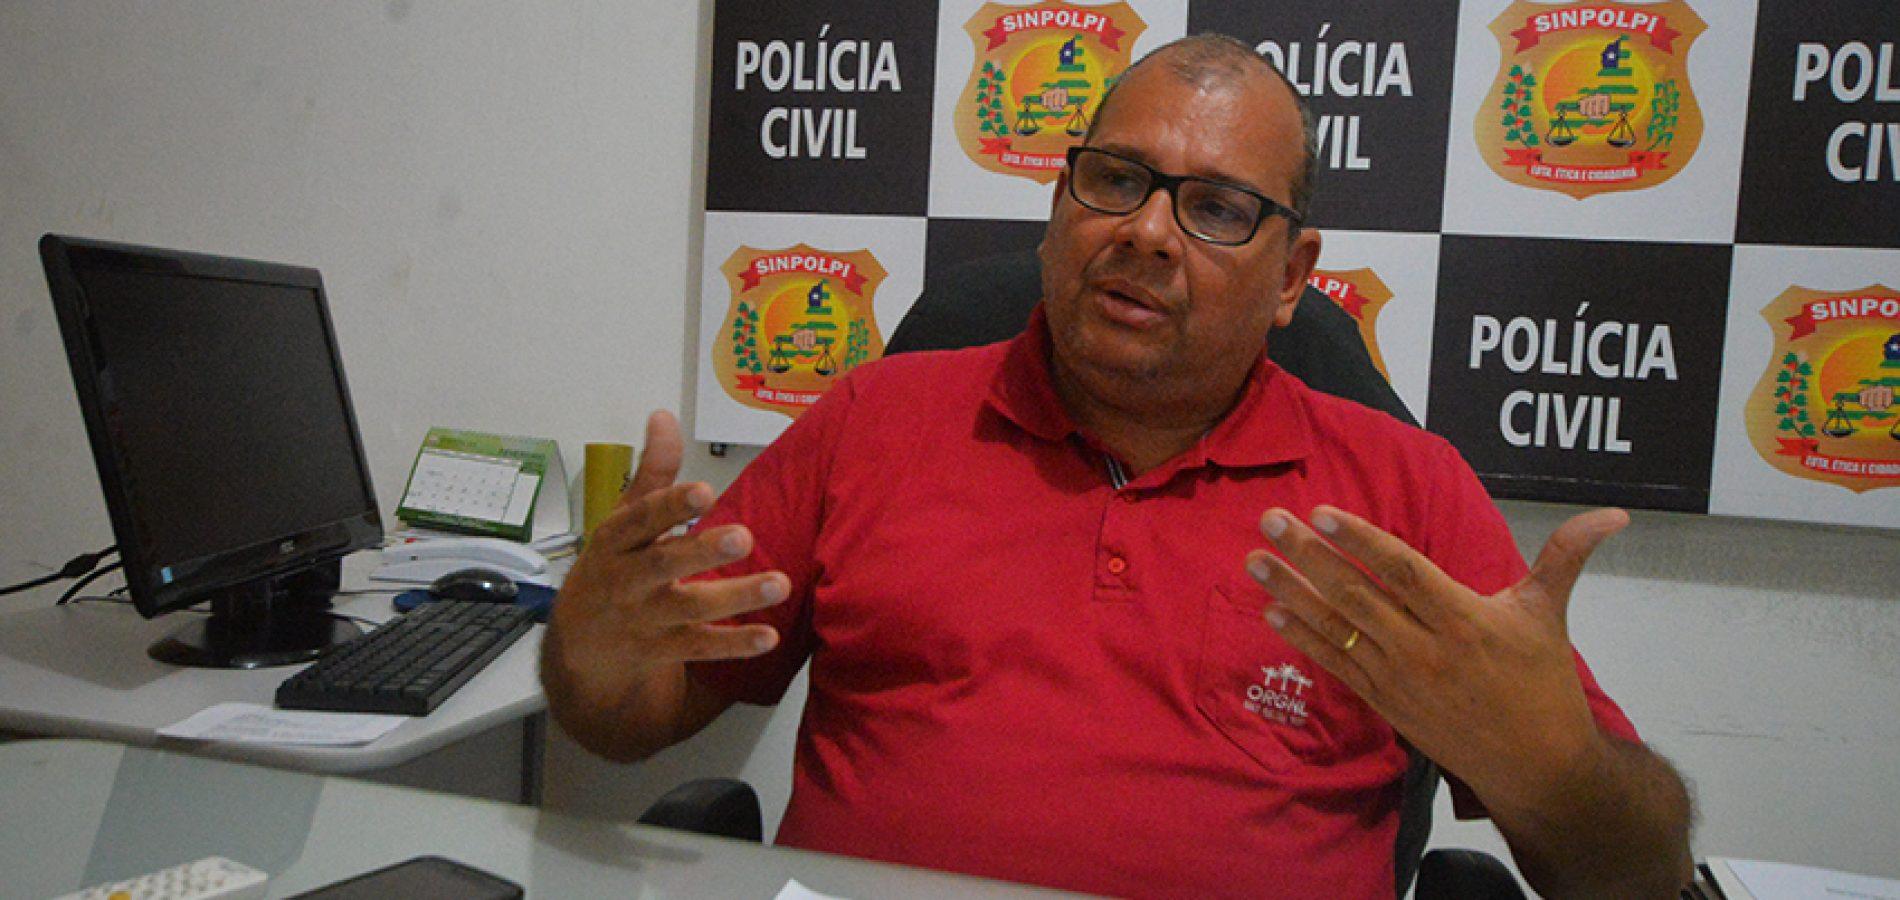 Falta de efetivo e de estrutura prejudica investigações policiais no Piauí